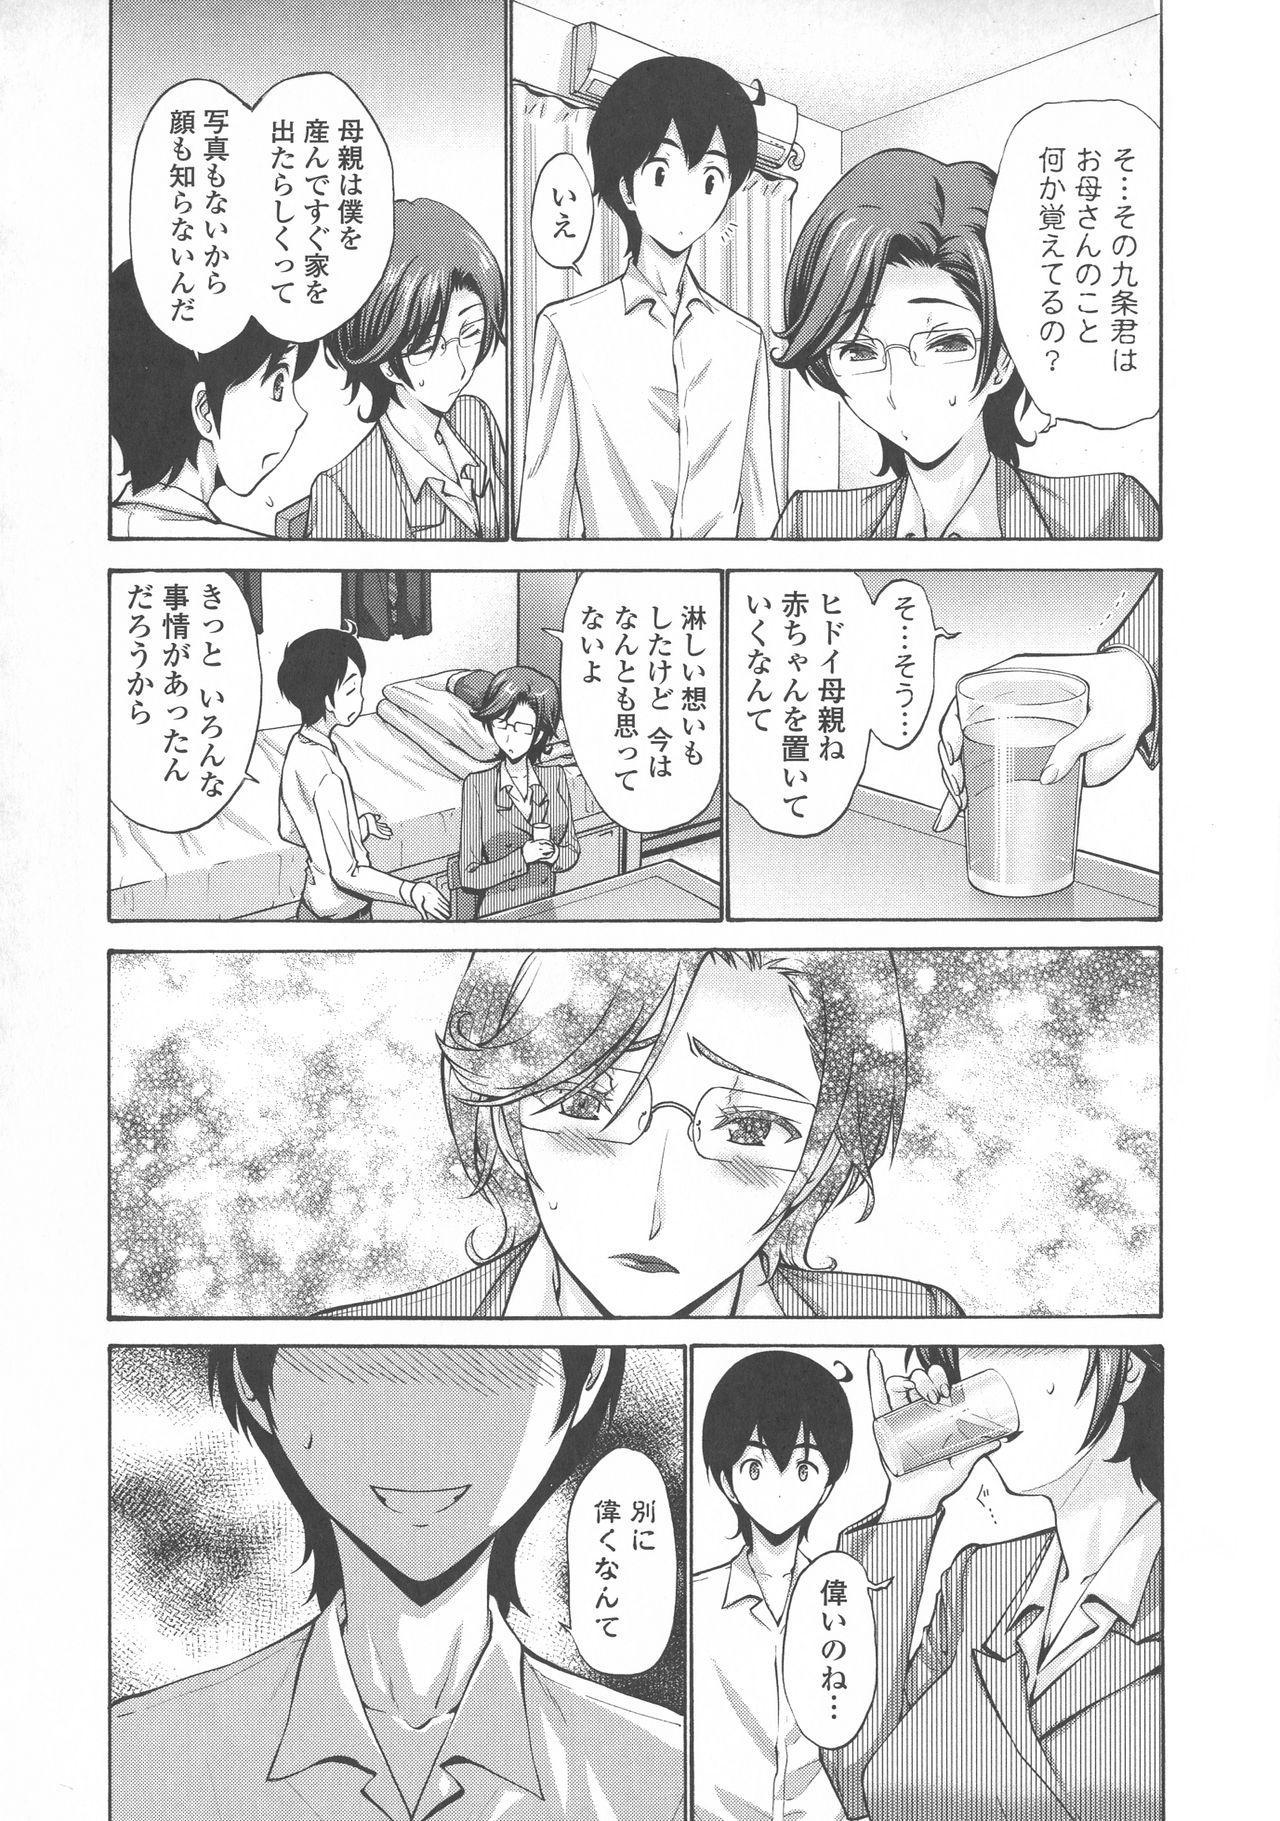 Tomodachi no Haha wa Boku no Mono - His Mother is My Love Hole 154